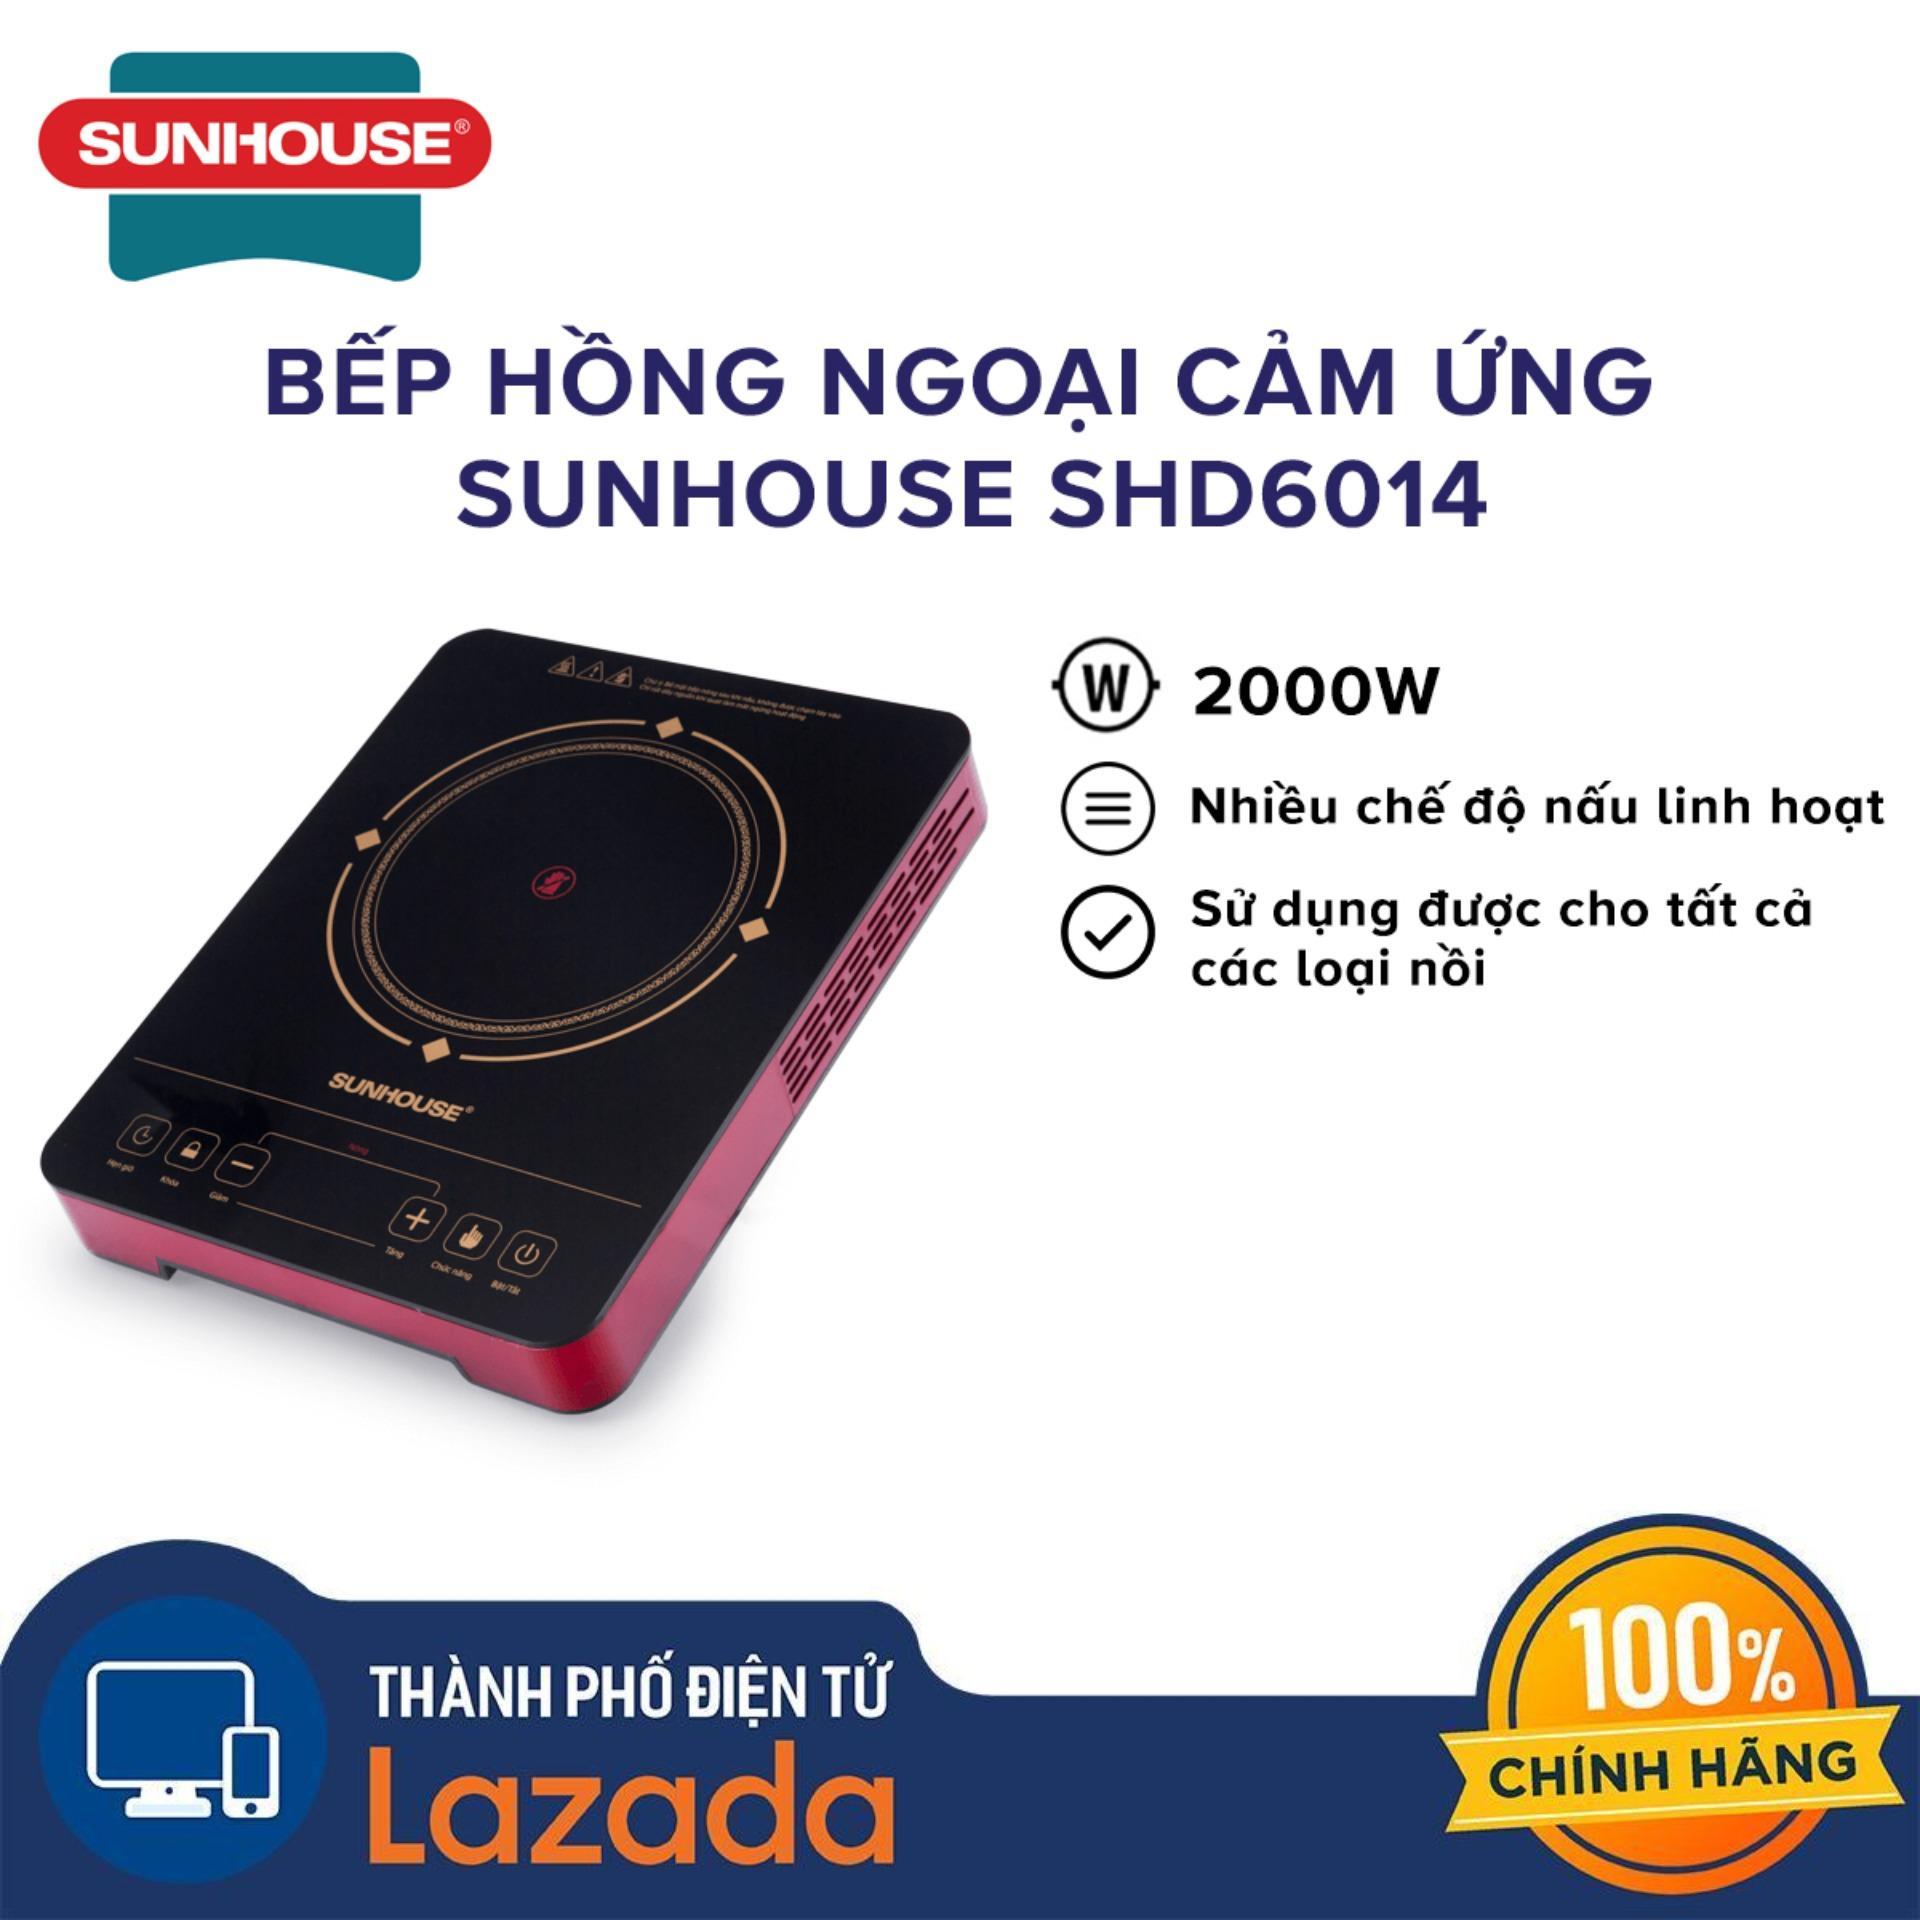 Bếp hồng ngoại cảm ứng Sunhouse 2000W SHD6014 , không kén nối, Mặt bếp siêu bền chịu được nhiệt độ lên đến 800 độ C - Hãng phân phối chính  hãng